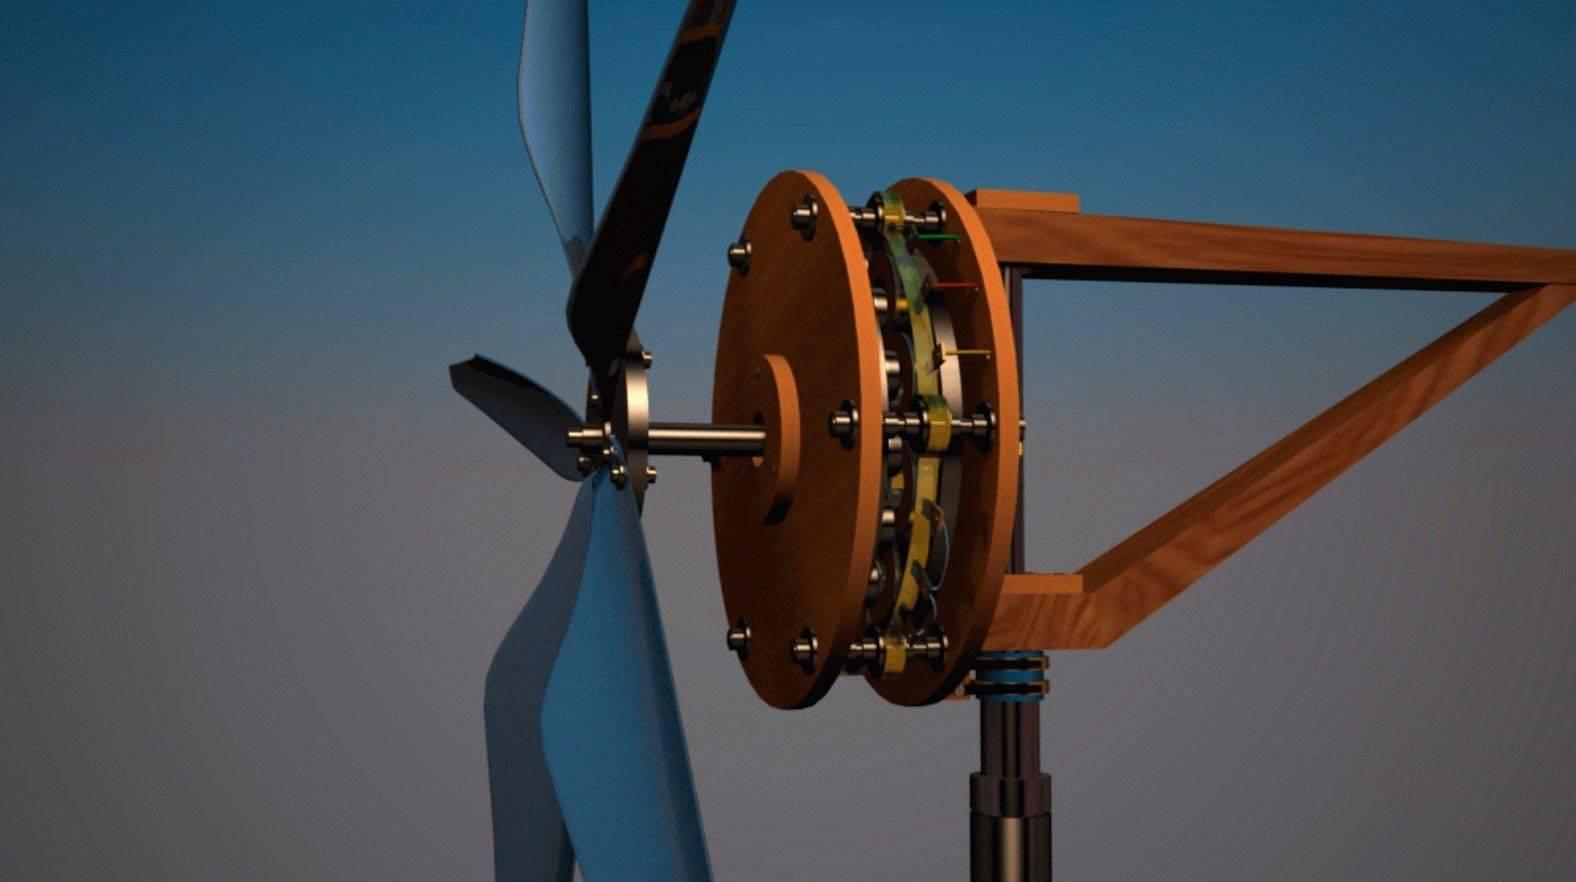 Ветрогенератор для частного дома своими руками из стиральной машины, фото, видео